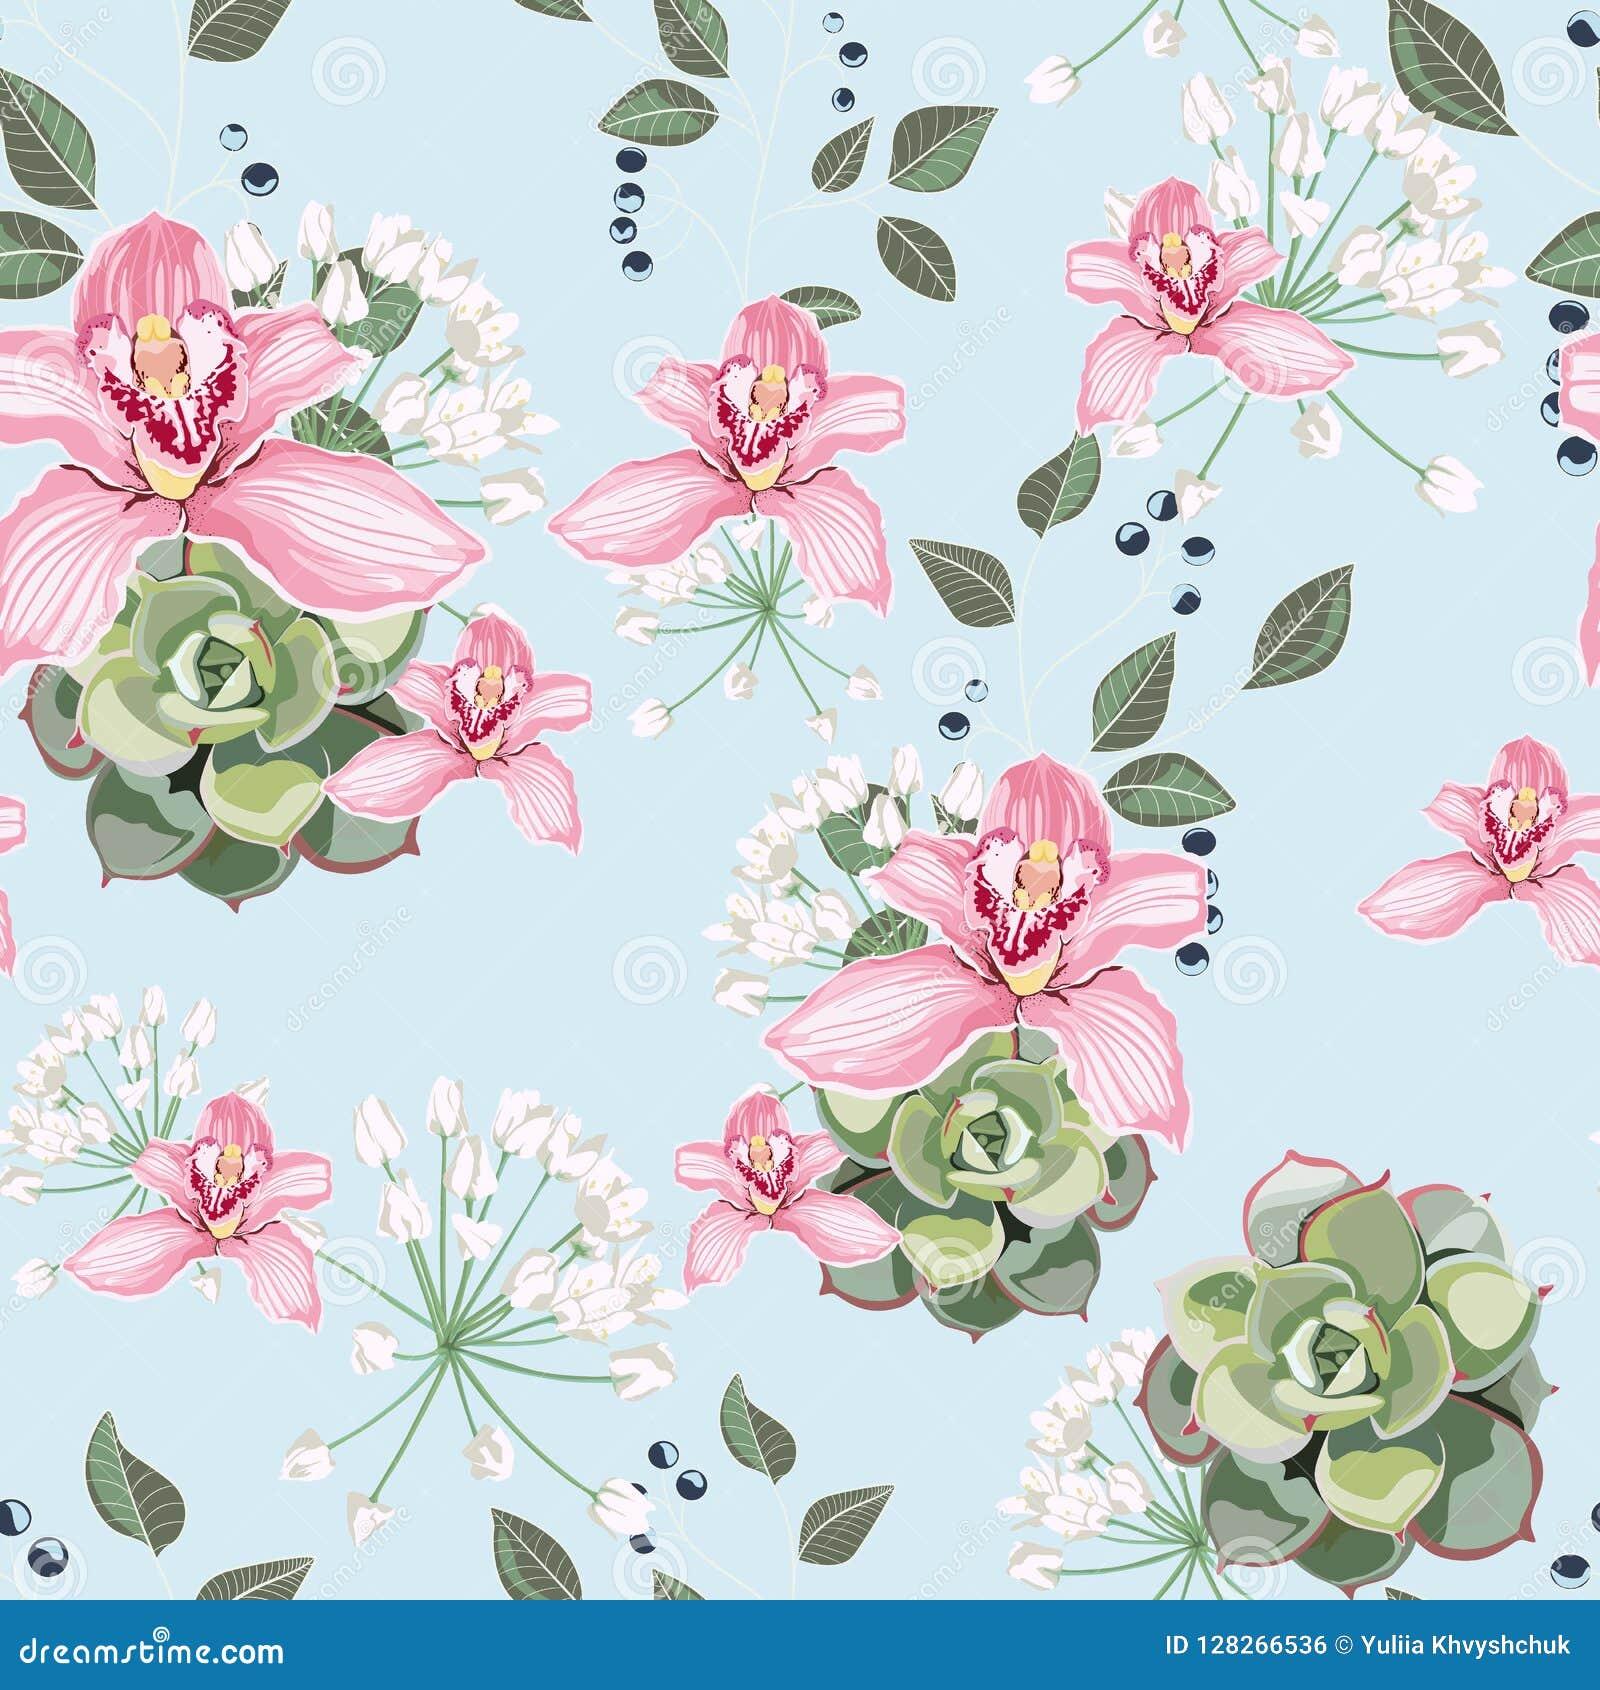 La orquídea suculenta y rosada del estilo de la acuarela florece el modelo inconsútil, rama de bayas, verdor